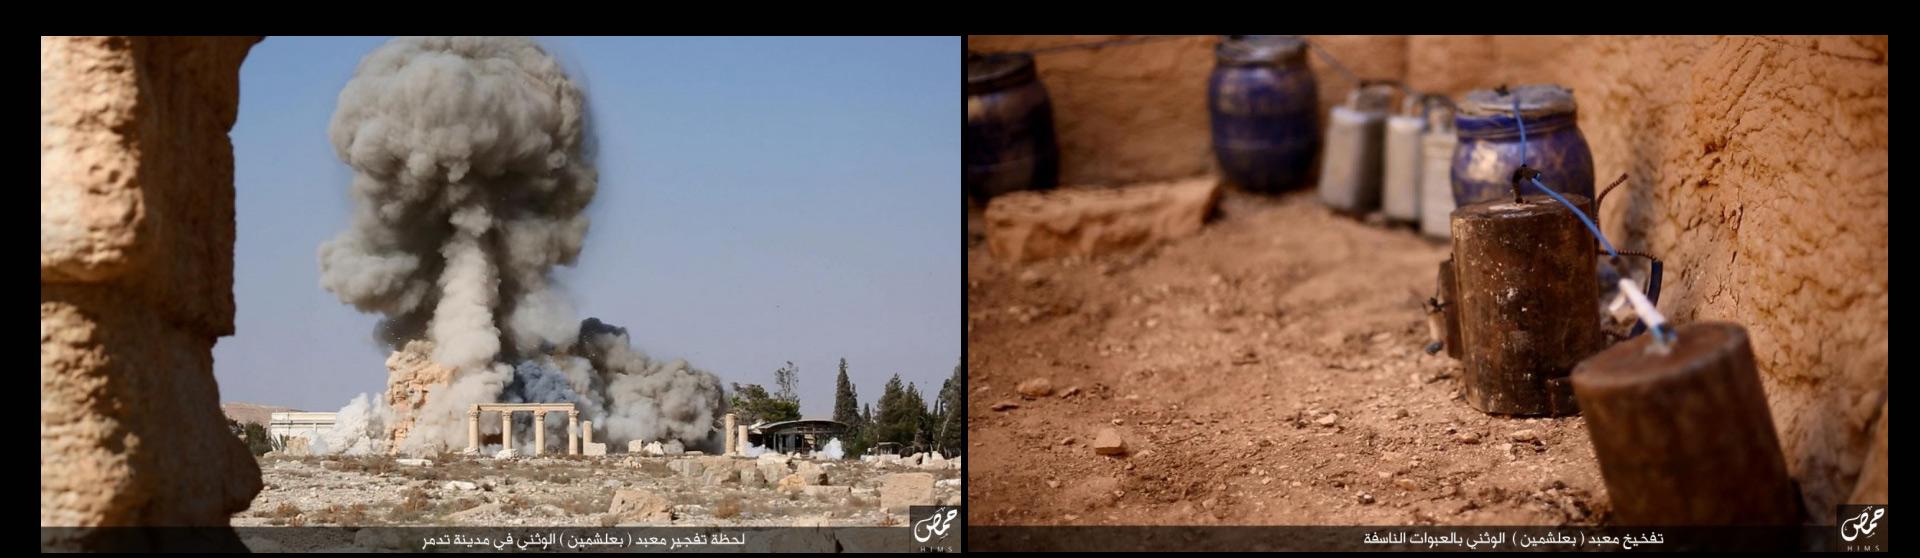 Las imágenes que hoy circulan por la red muestran cómo el lugar quedó prácticamente reducido a cenizas